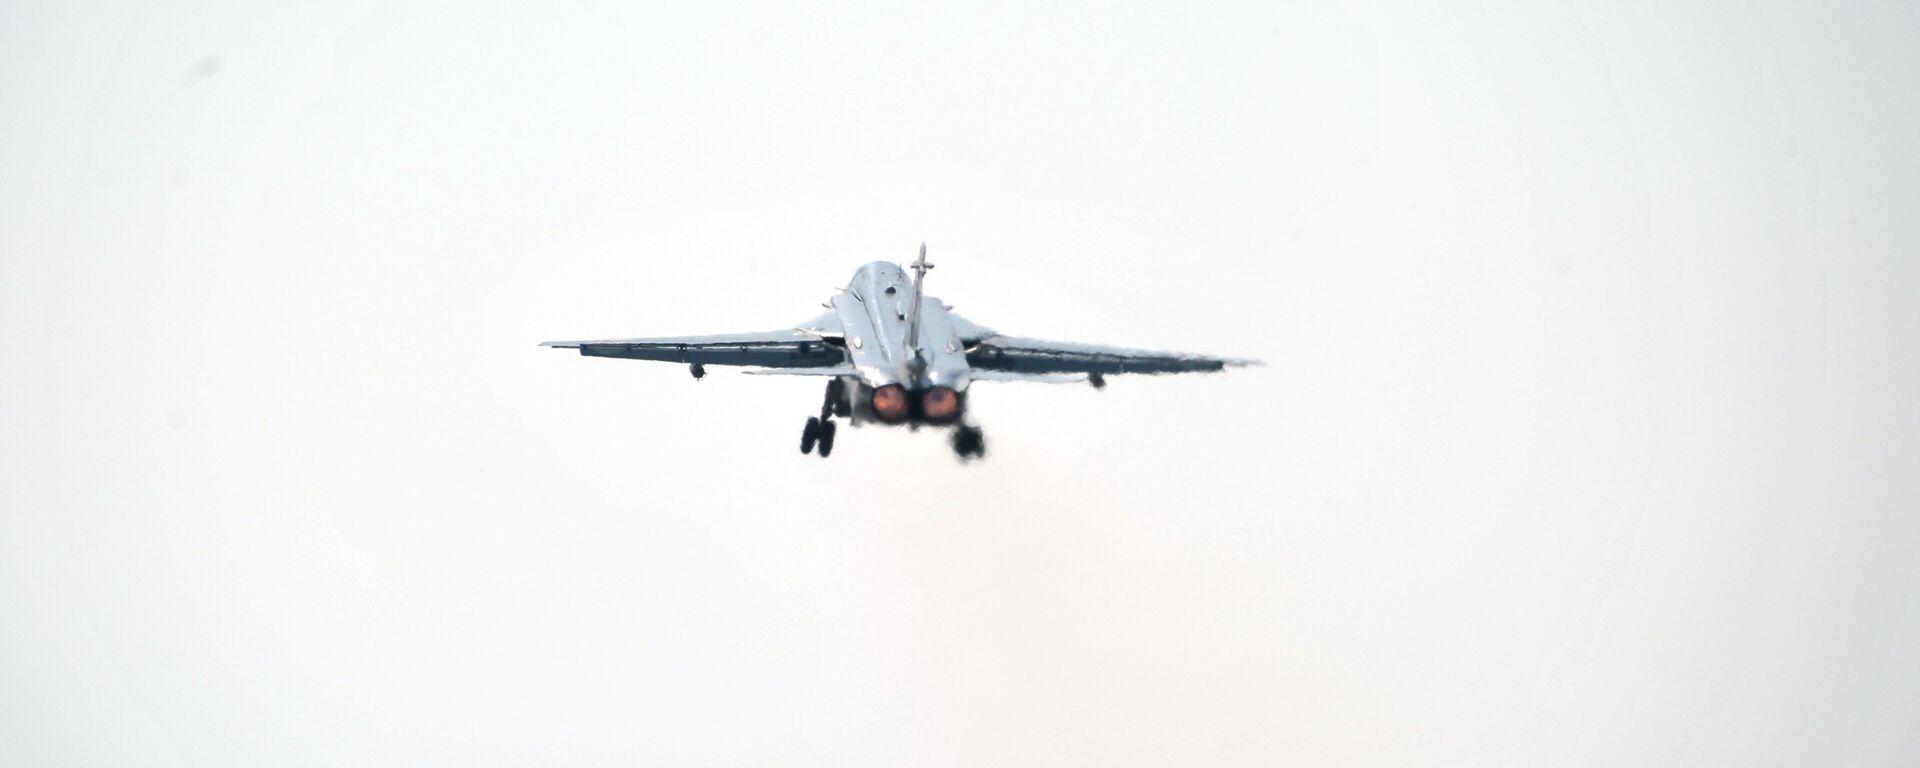 Un avión Su-24 - Sputnik Mundo, 1920, 27.08.2021